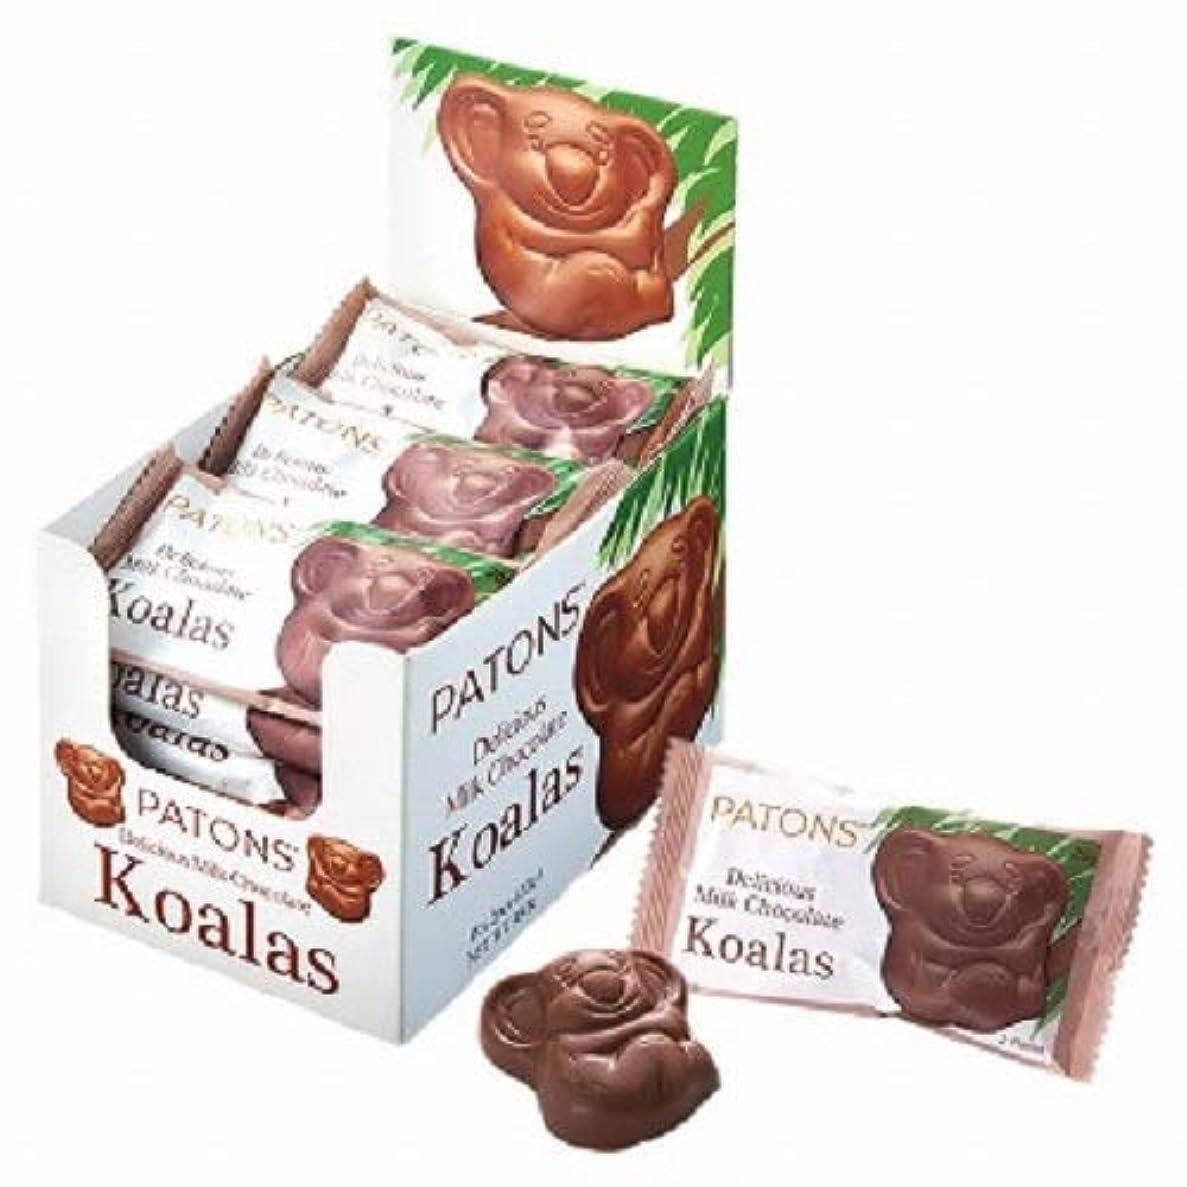 恩赦引用結紮ペイトンズ(patons) コアラチョコレートツインパック 18袋セット【オーストラリア 海外土産 輸入食品 スイーツ 】